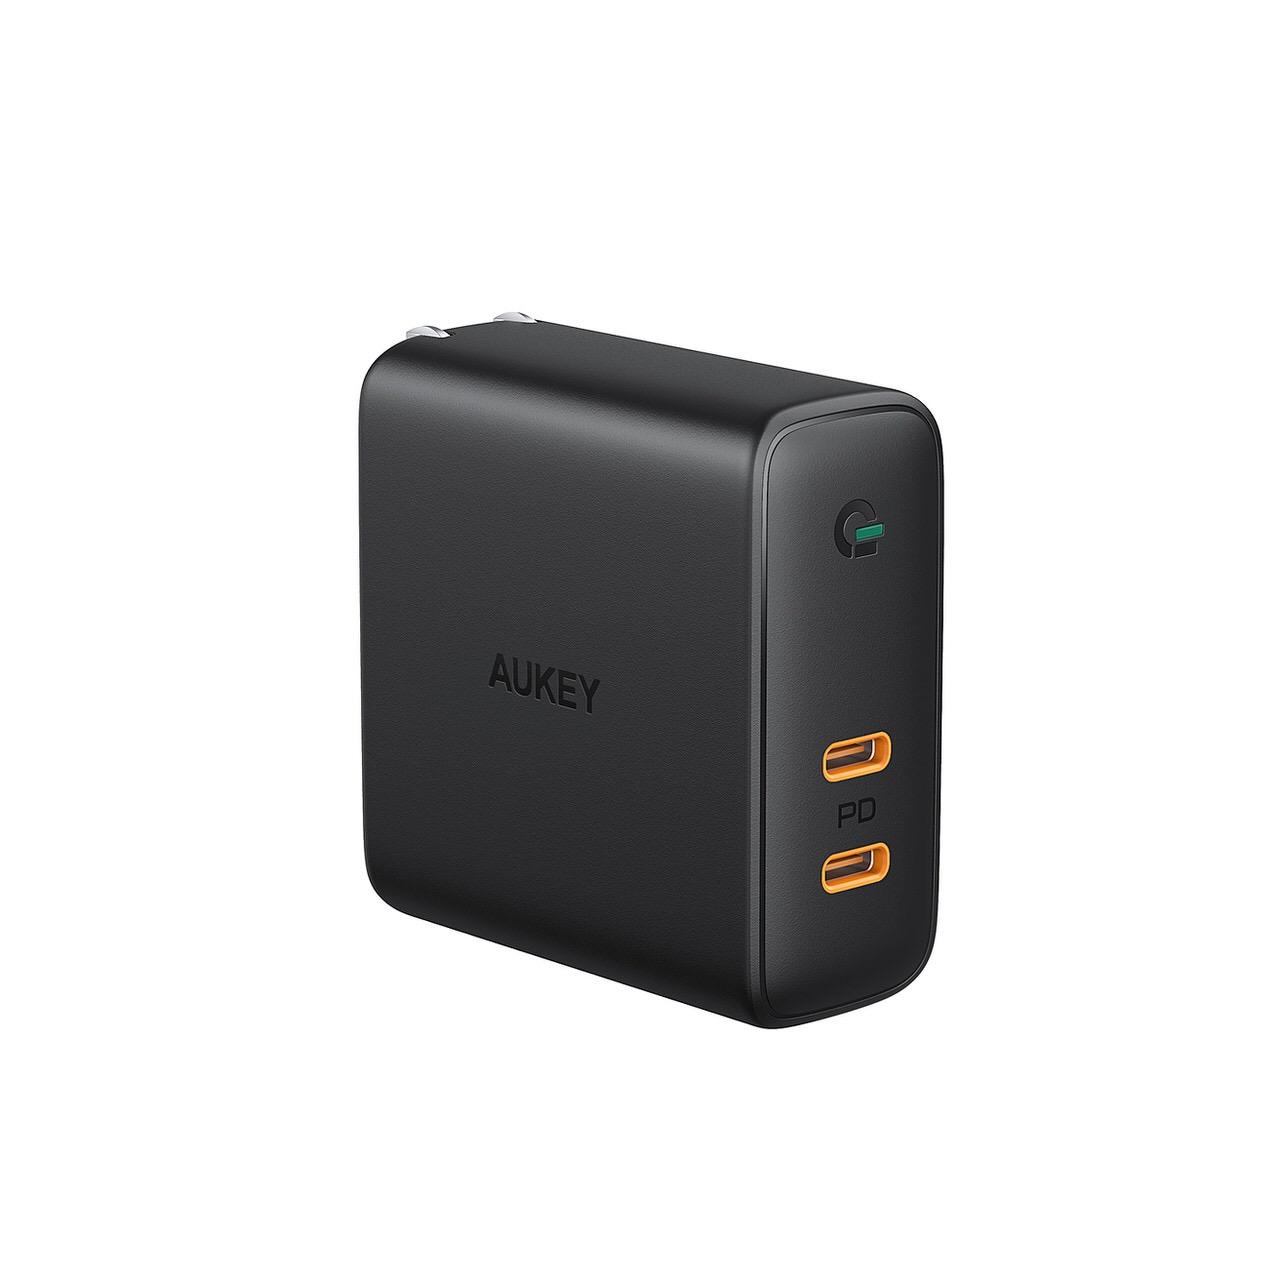 MacBook Pro+スマホでも急速充電できる窒化ガリウム(GaN)採用のUSB-C 2ポート急速充電器 「AUKEY PA-D5」がAmazonで41%オフ